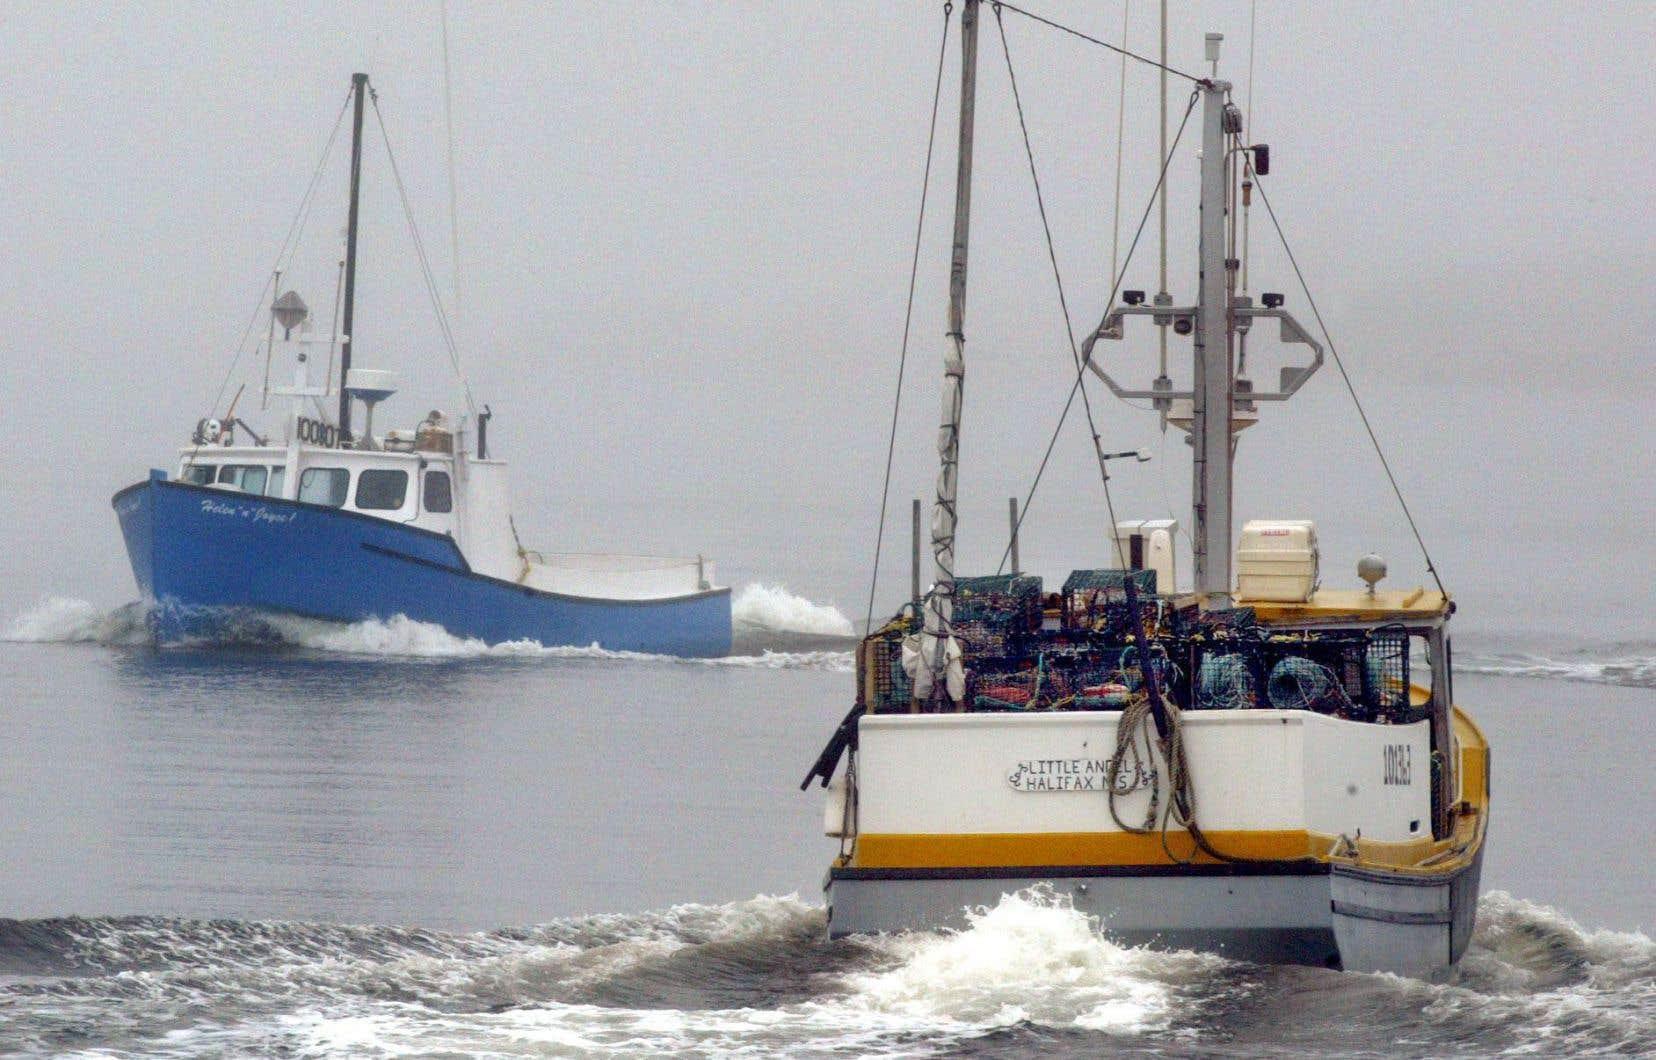 Depuis 1985, les pêches sont régies par la Loi sur les pêches, qui doit viser une gestion durable des activités de pêche.